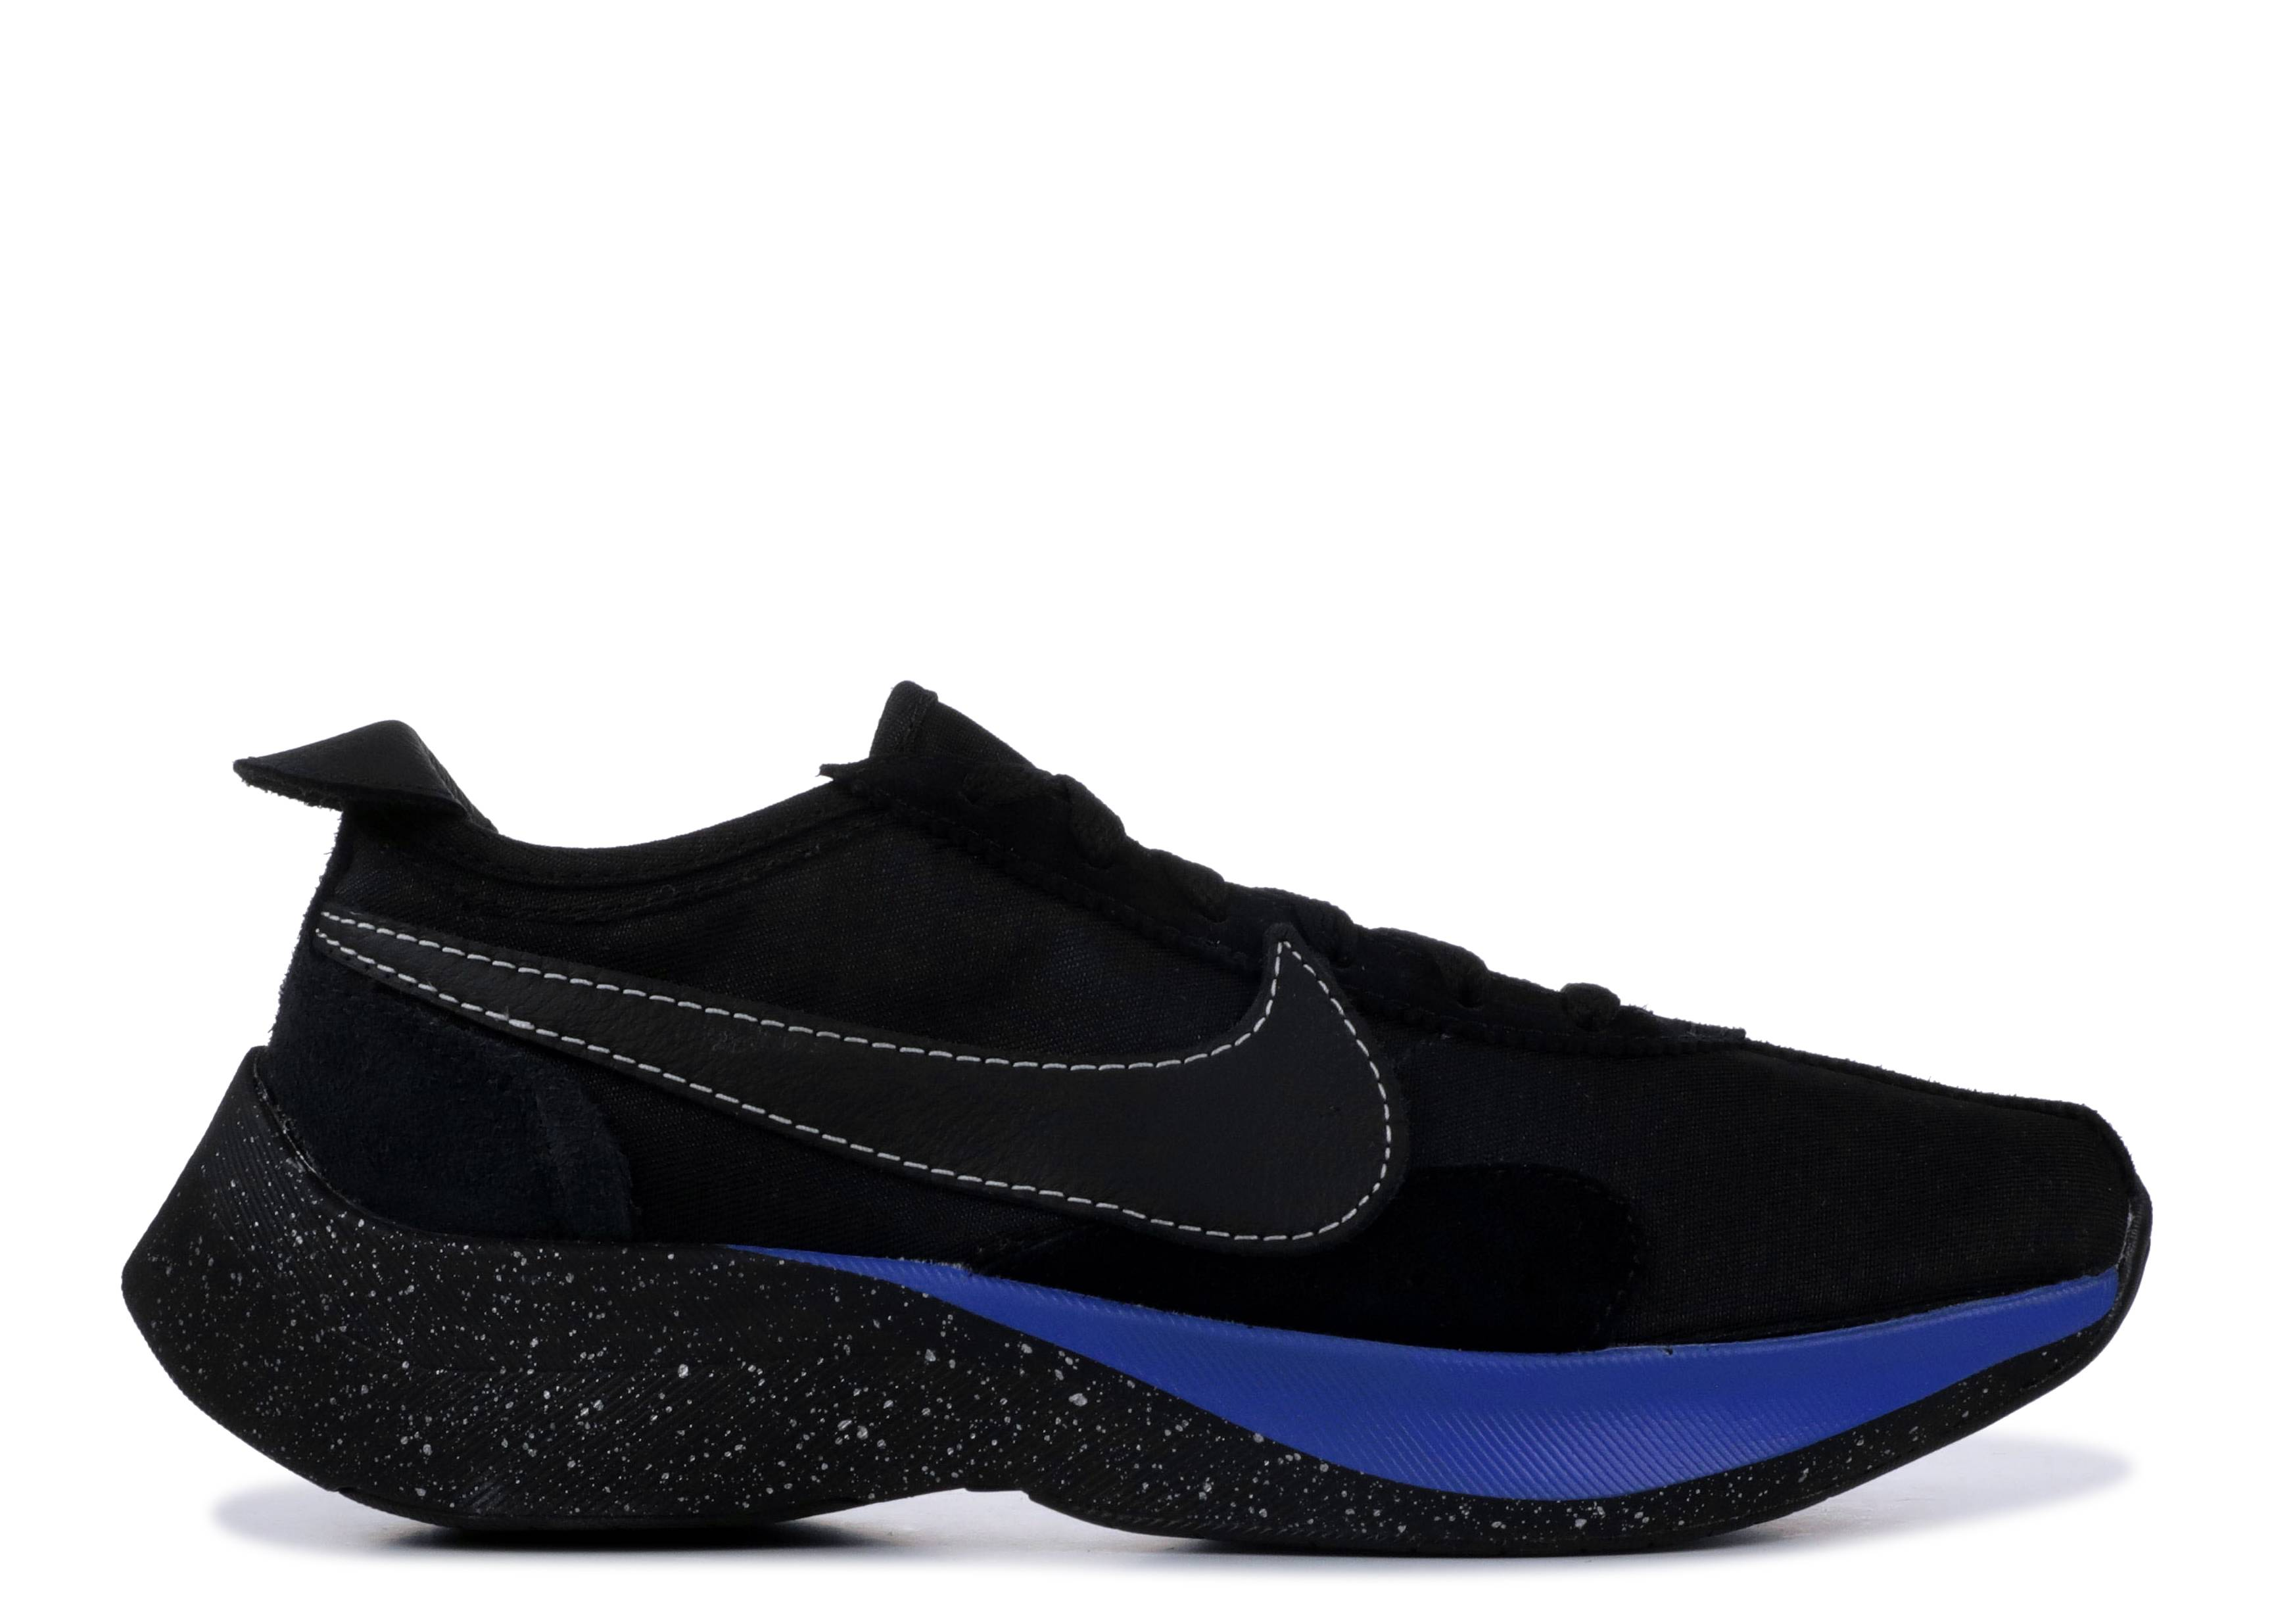 9174d767fe4 Nike Moon Racer Qs - Nike - bv7779 001 - black/black-white-racer ...